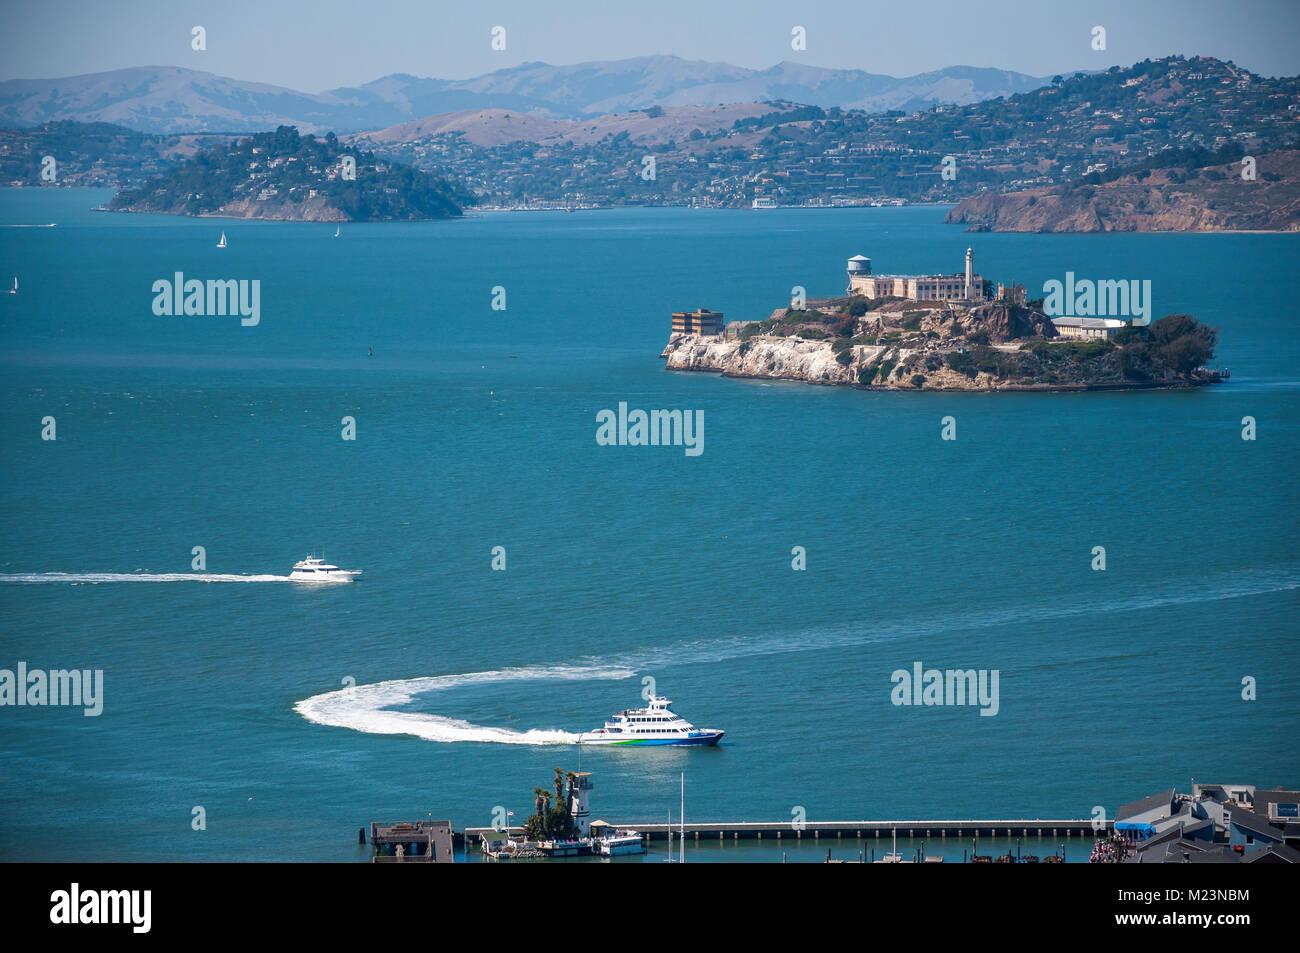 SAN FRANCISCO, CALIFORNIA - 9 de septiembre de 2015 - Vista de Pier 39 y desde la Isla de Alcatraz, Coit Tower Foto de stock